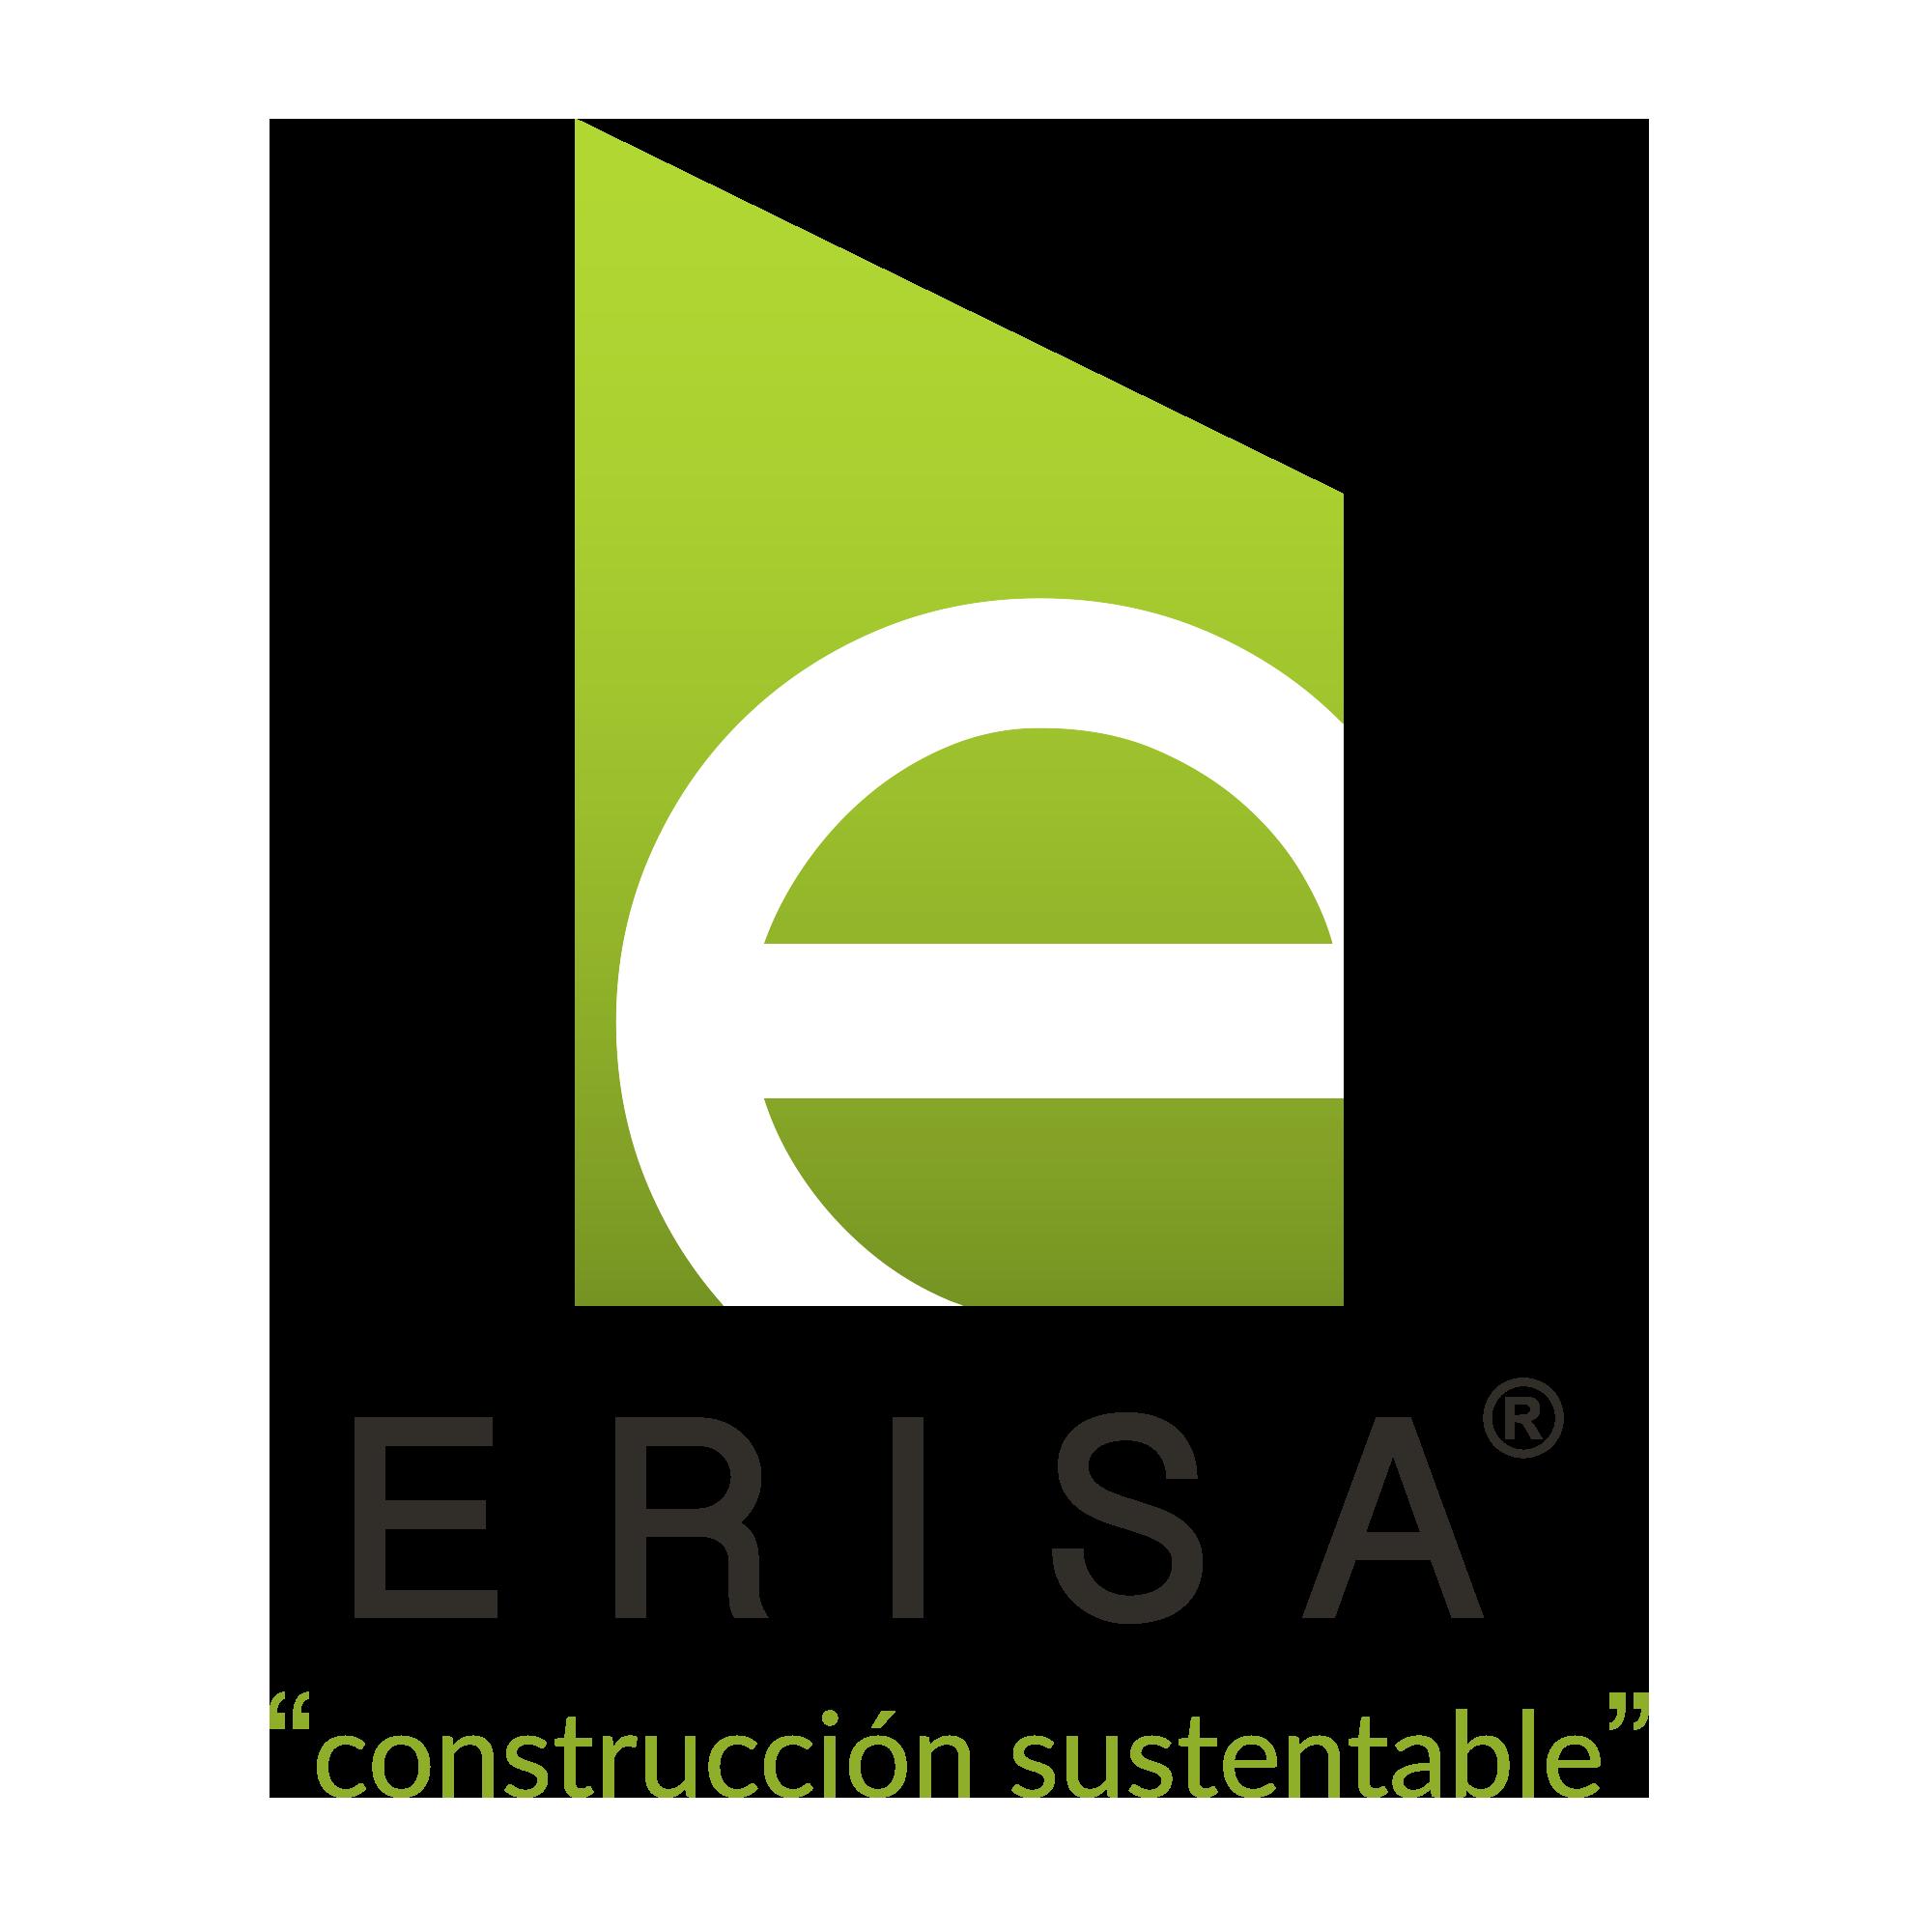 logo de Erisa Projects empresa constructora